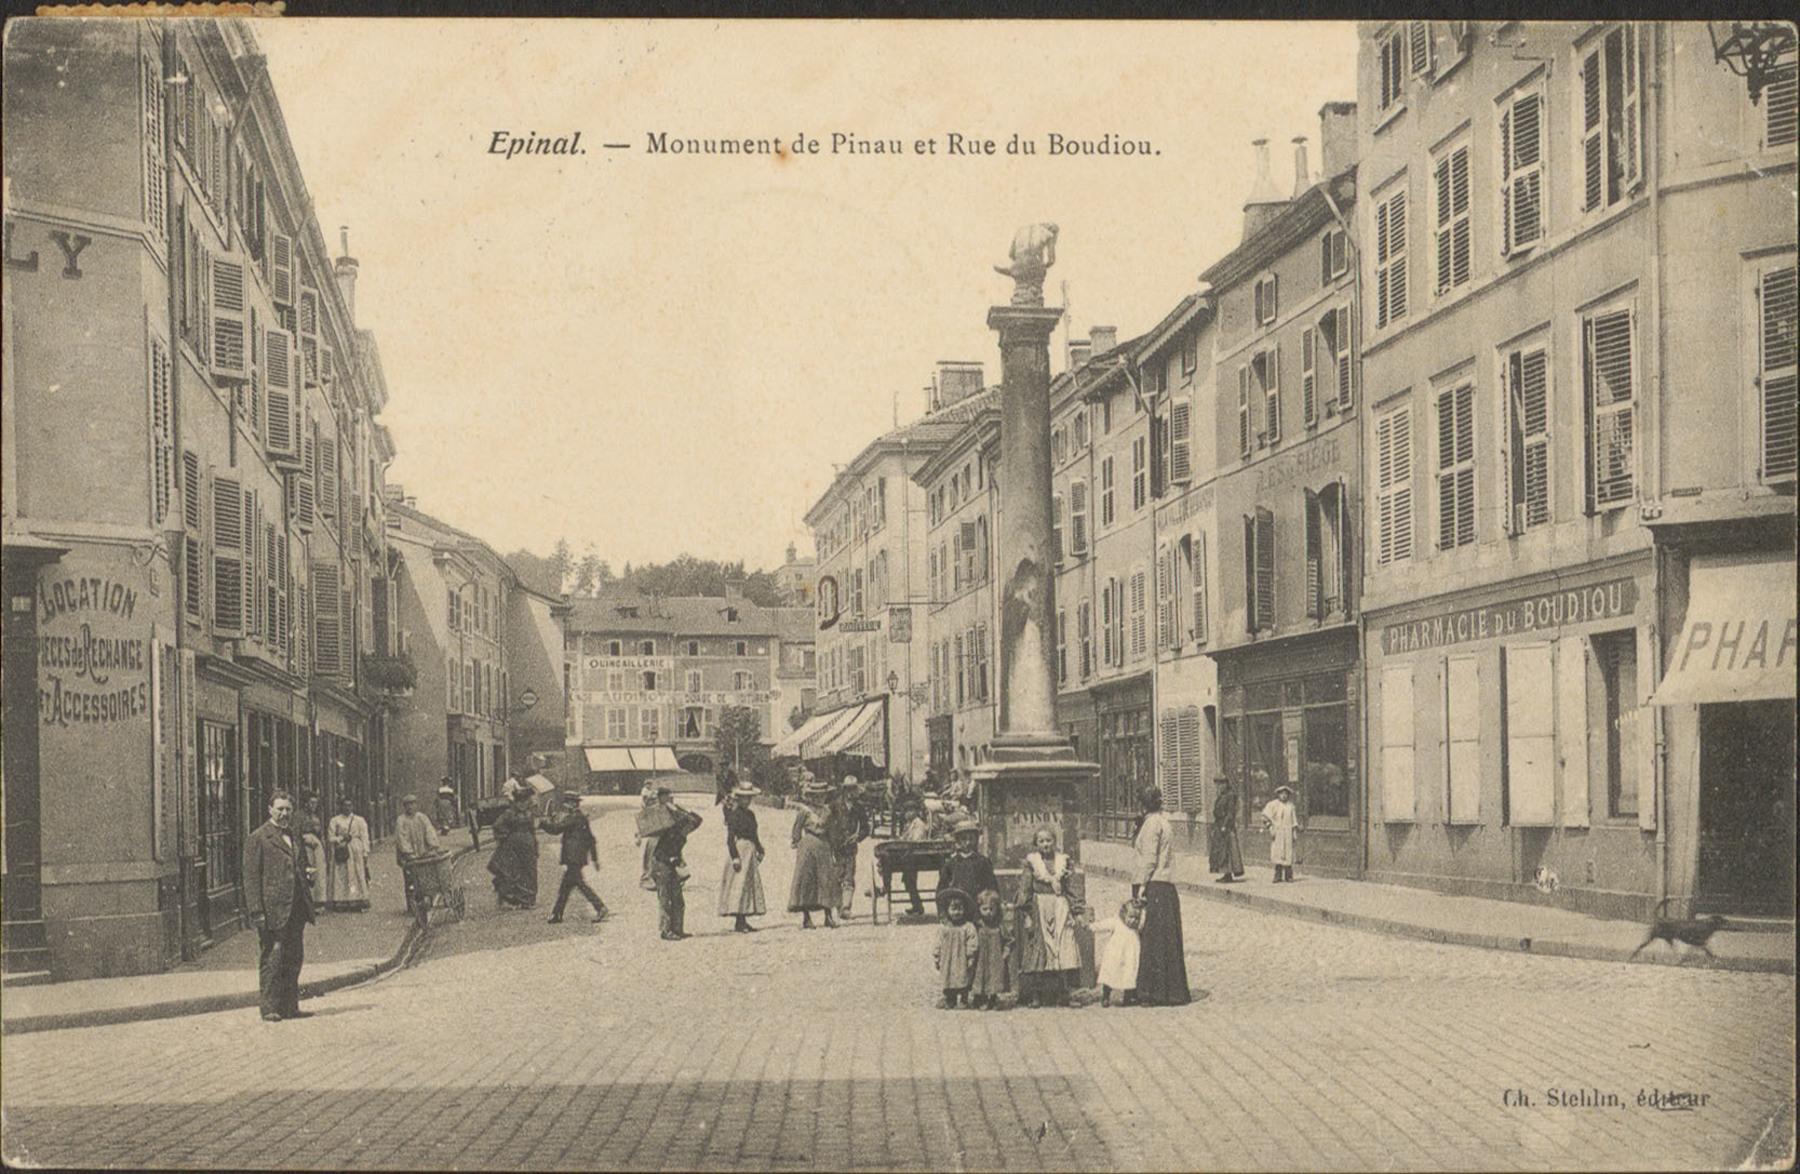 Contenu du Épinal, Monument de Pinau et Rue du Boudiou